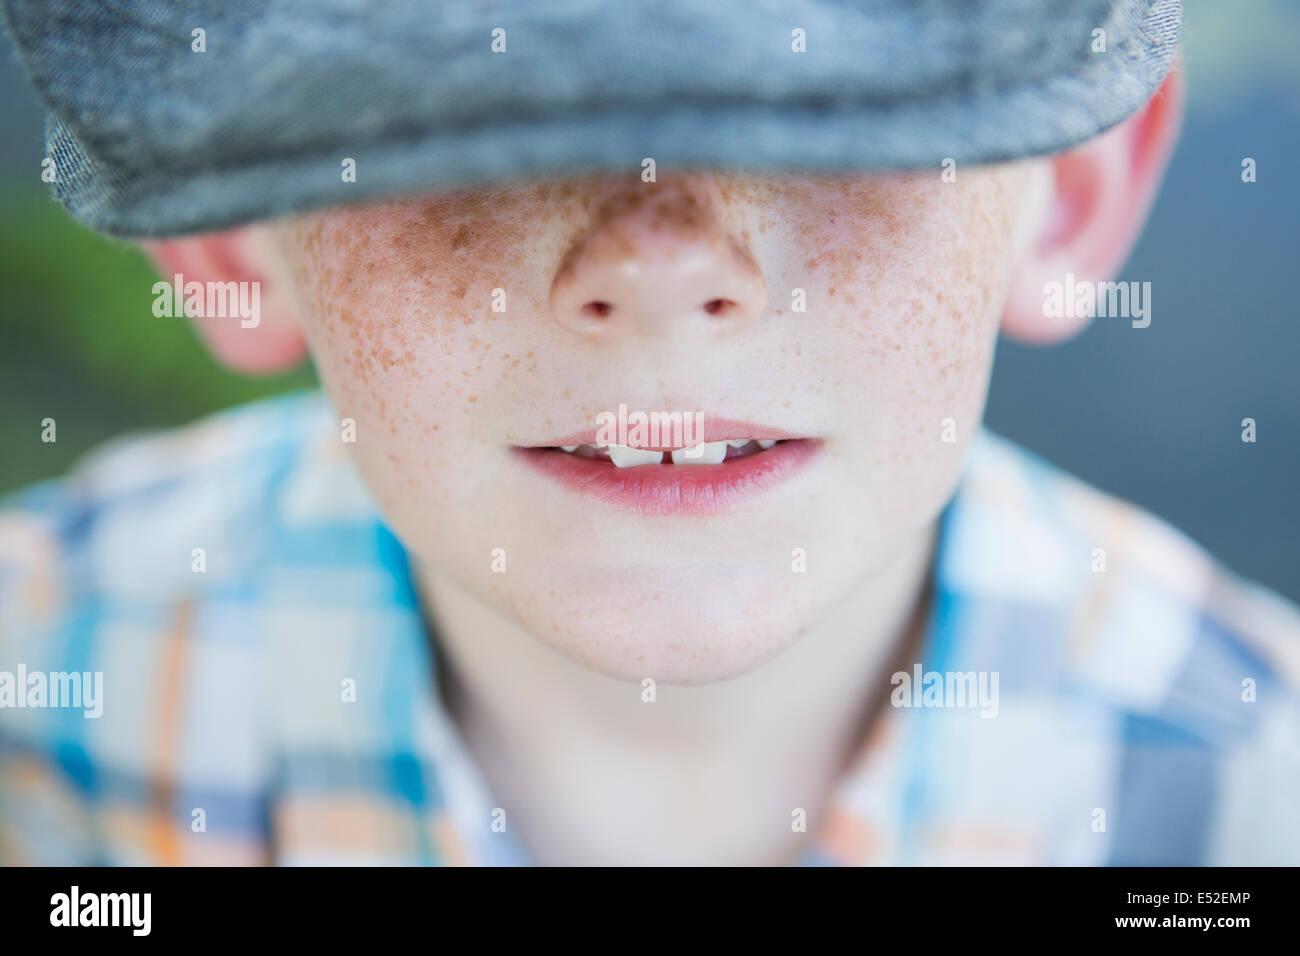 Un muchacho pecoso con una nariz, una gorra con una gran ala. Imagen De Stock